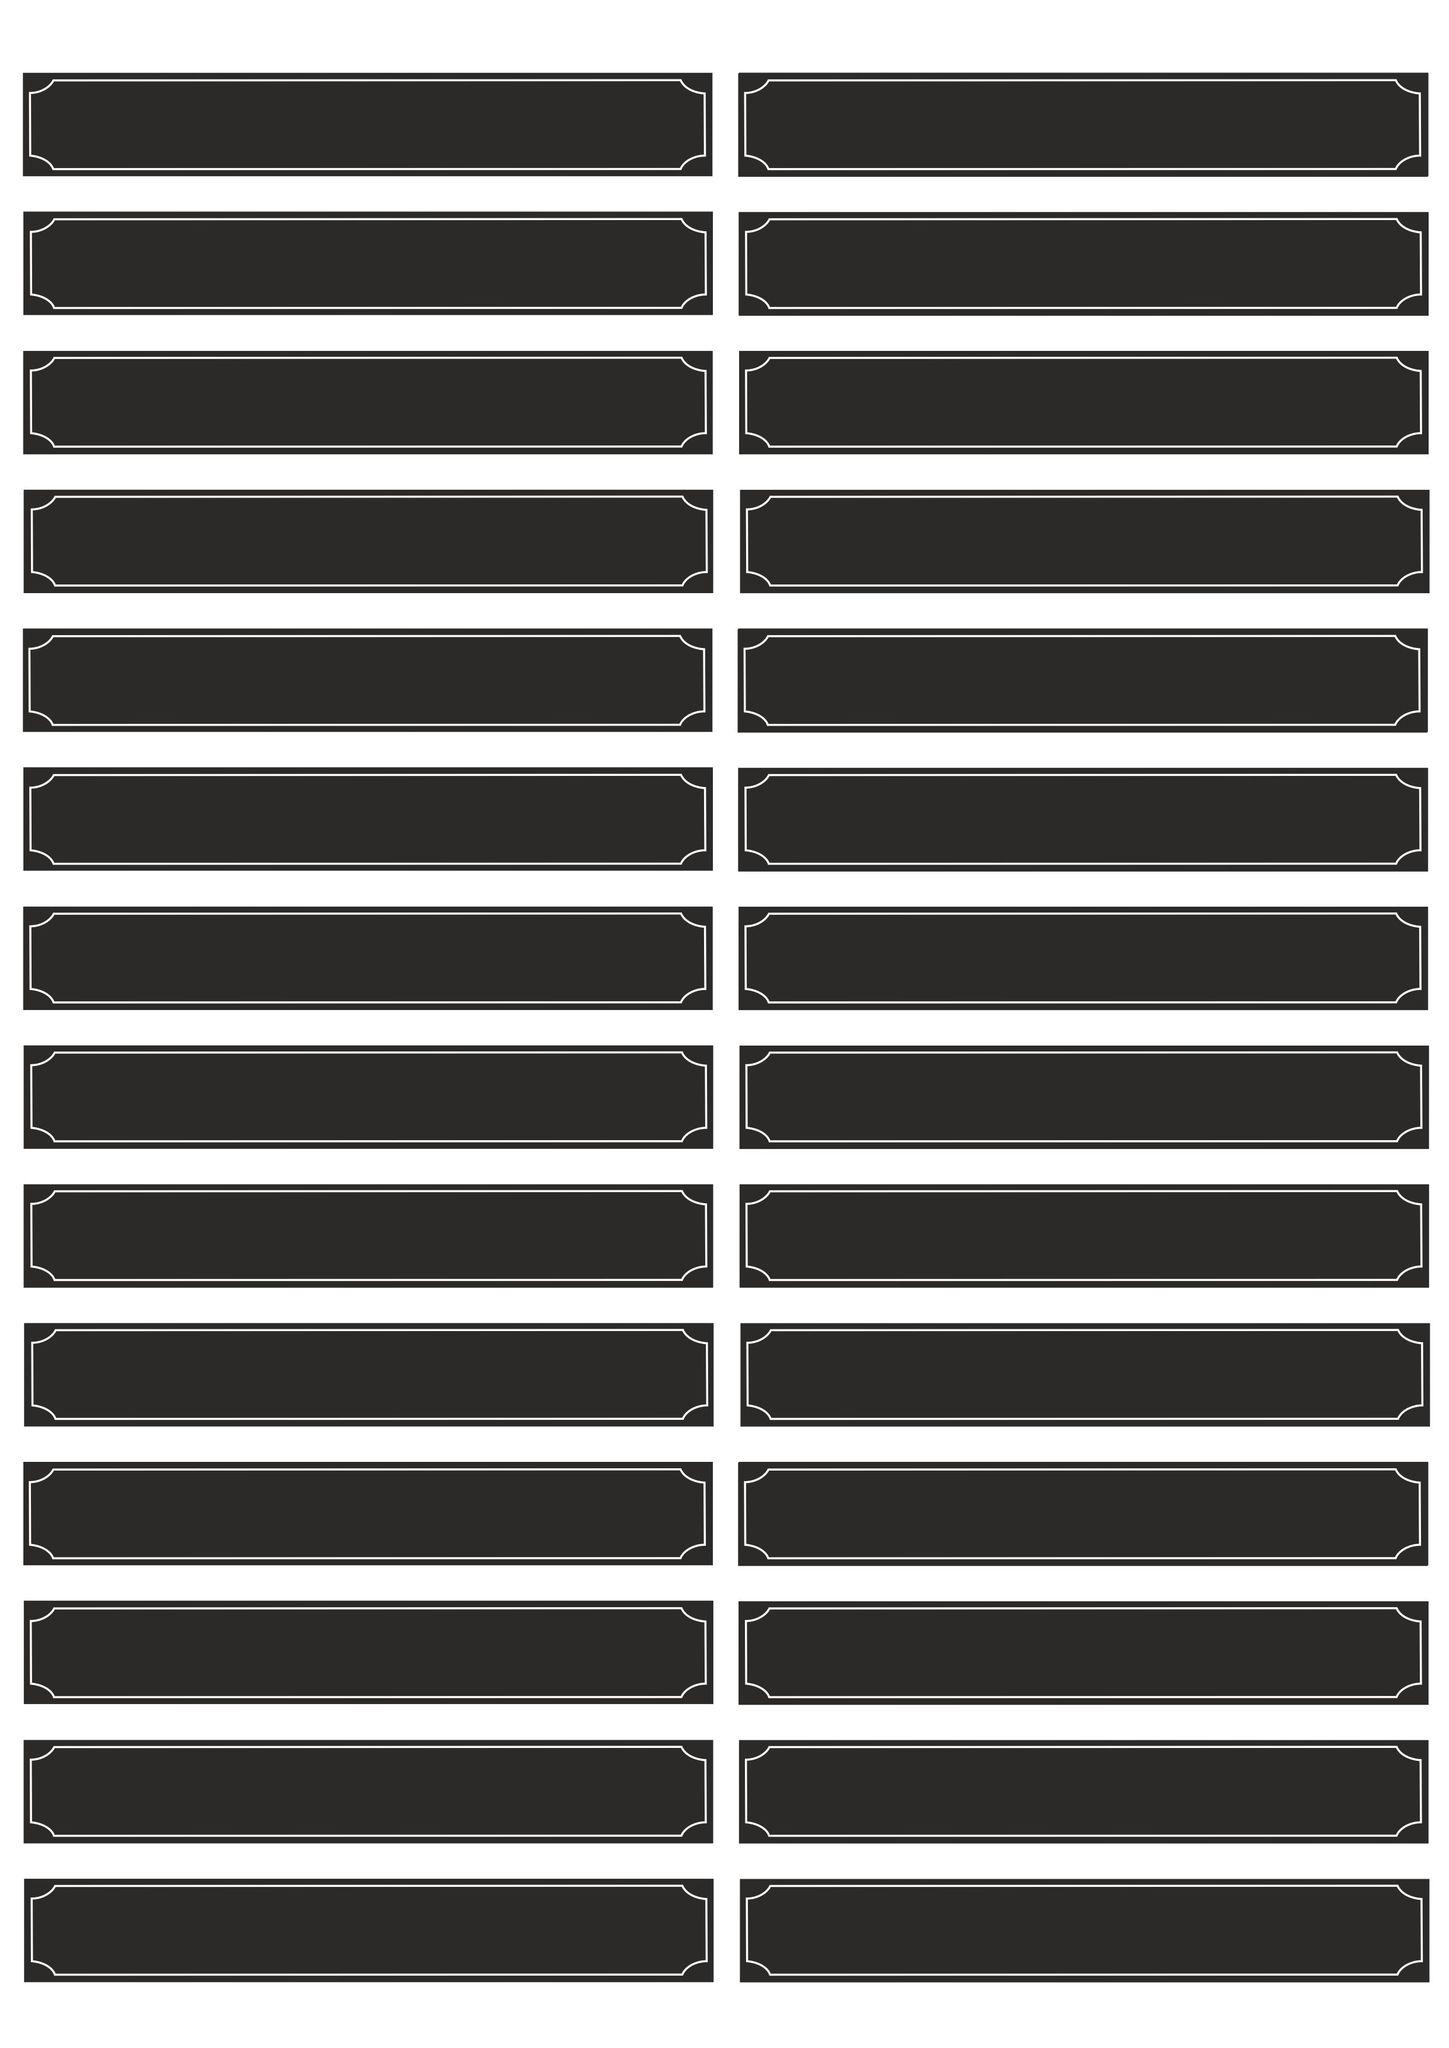 Набор наклеек 10*2 для полок, папок, книг, черный (2 листа)